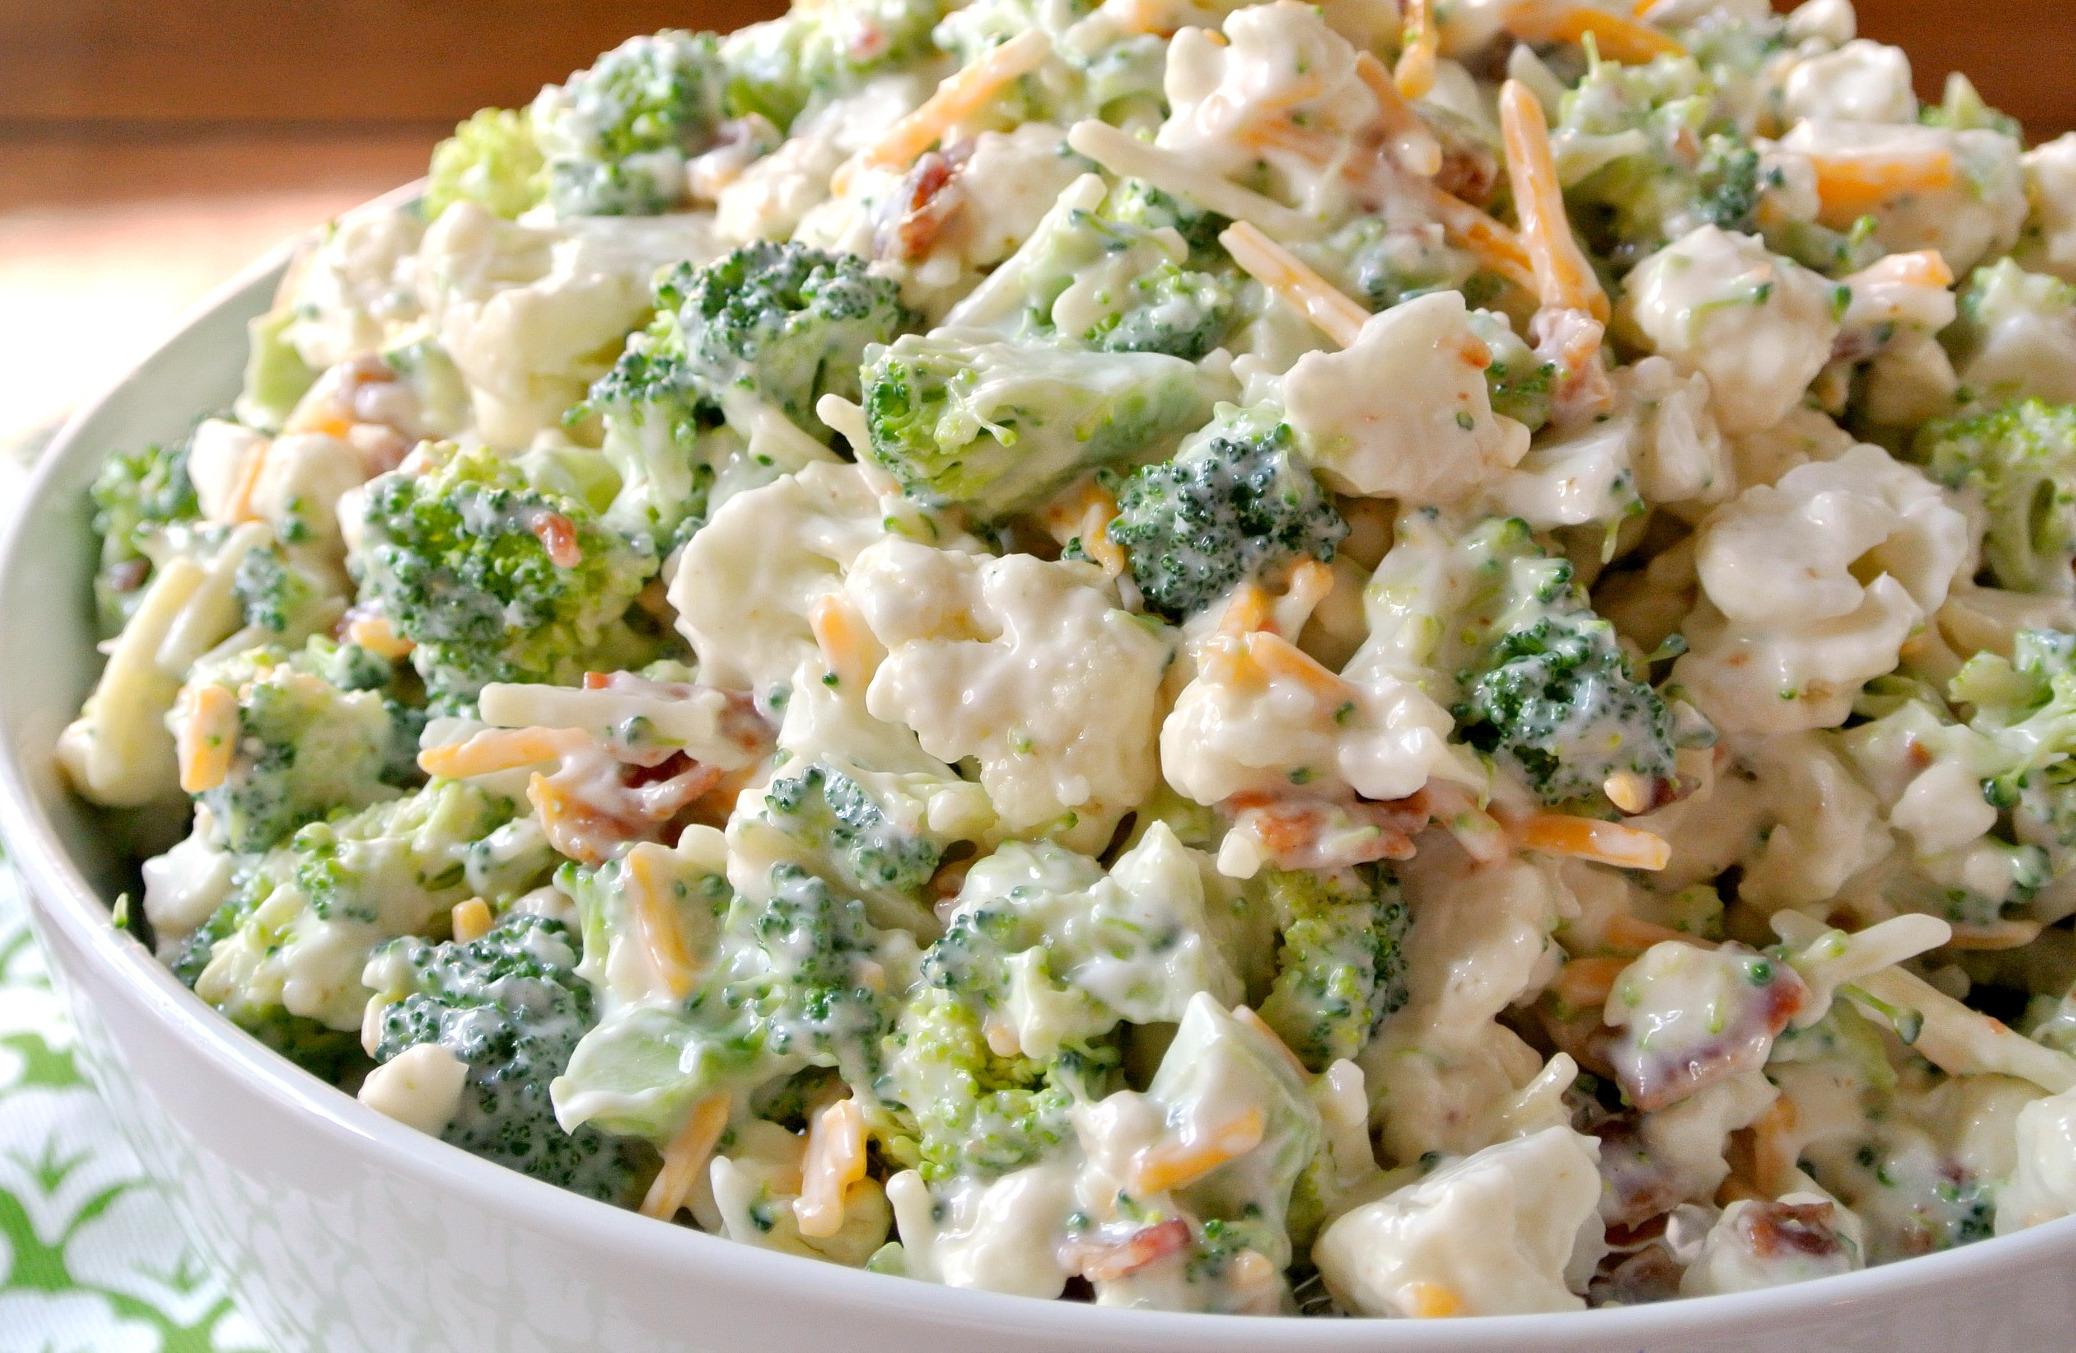 Oh miam, cette salade de brocoli et chou-fleur est crémeuse et délicieuse!